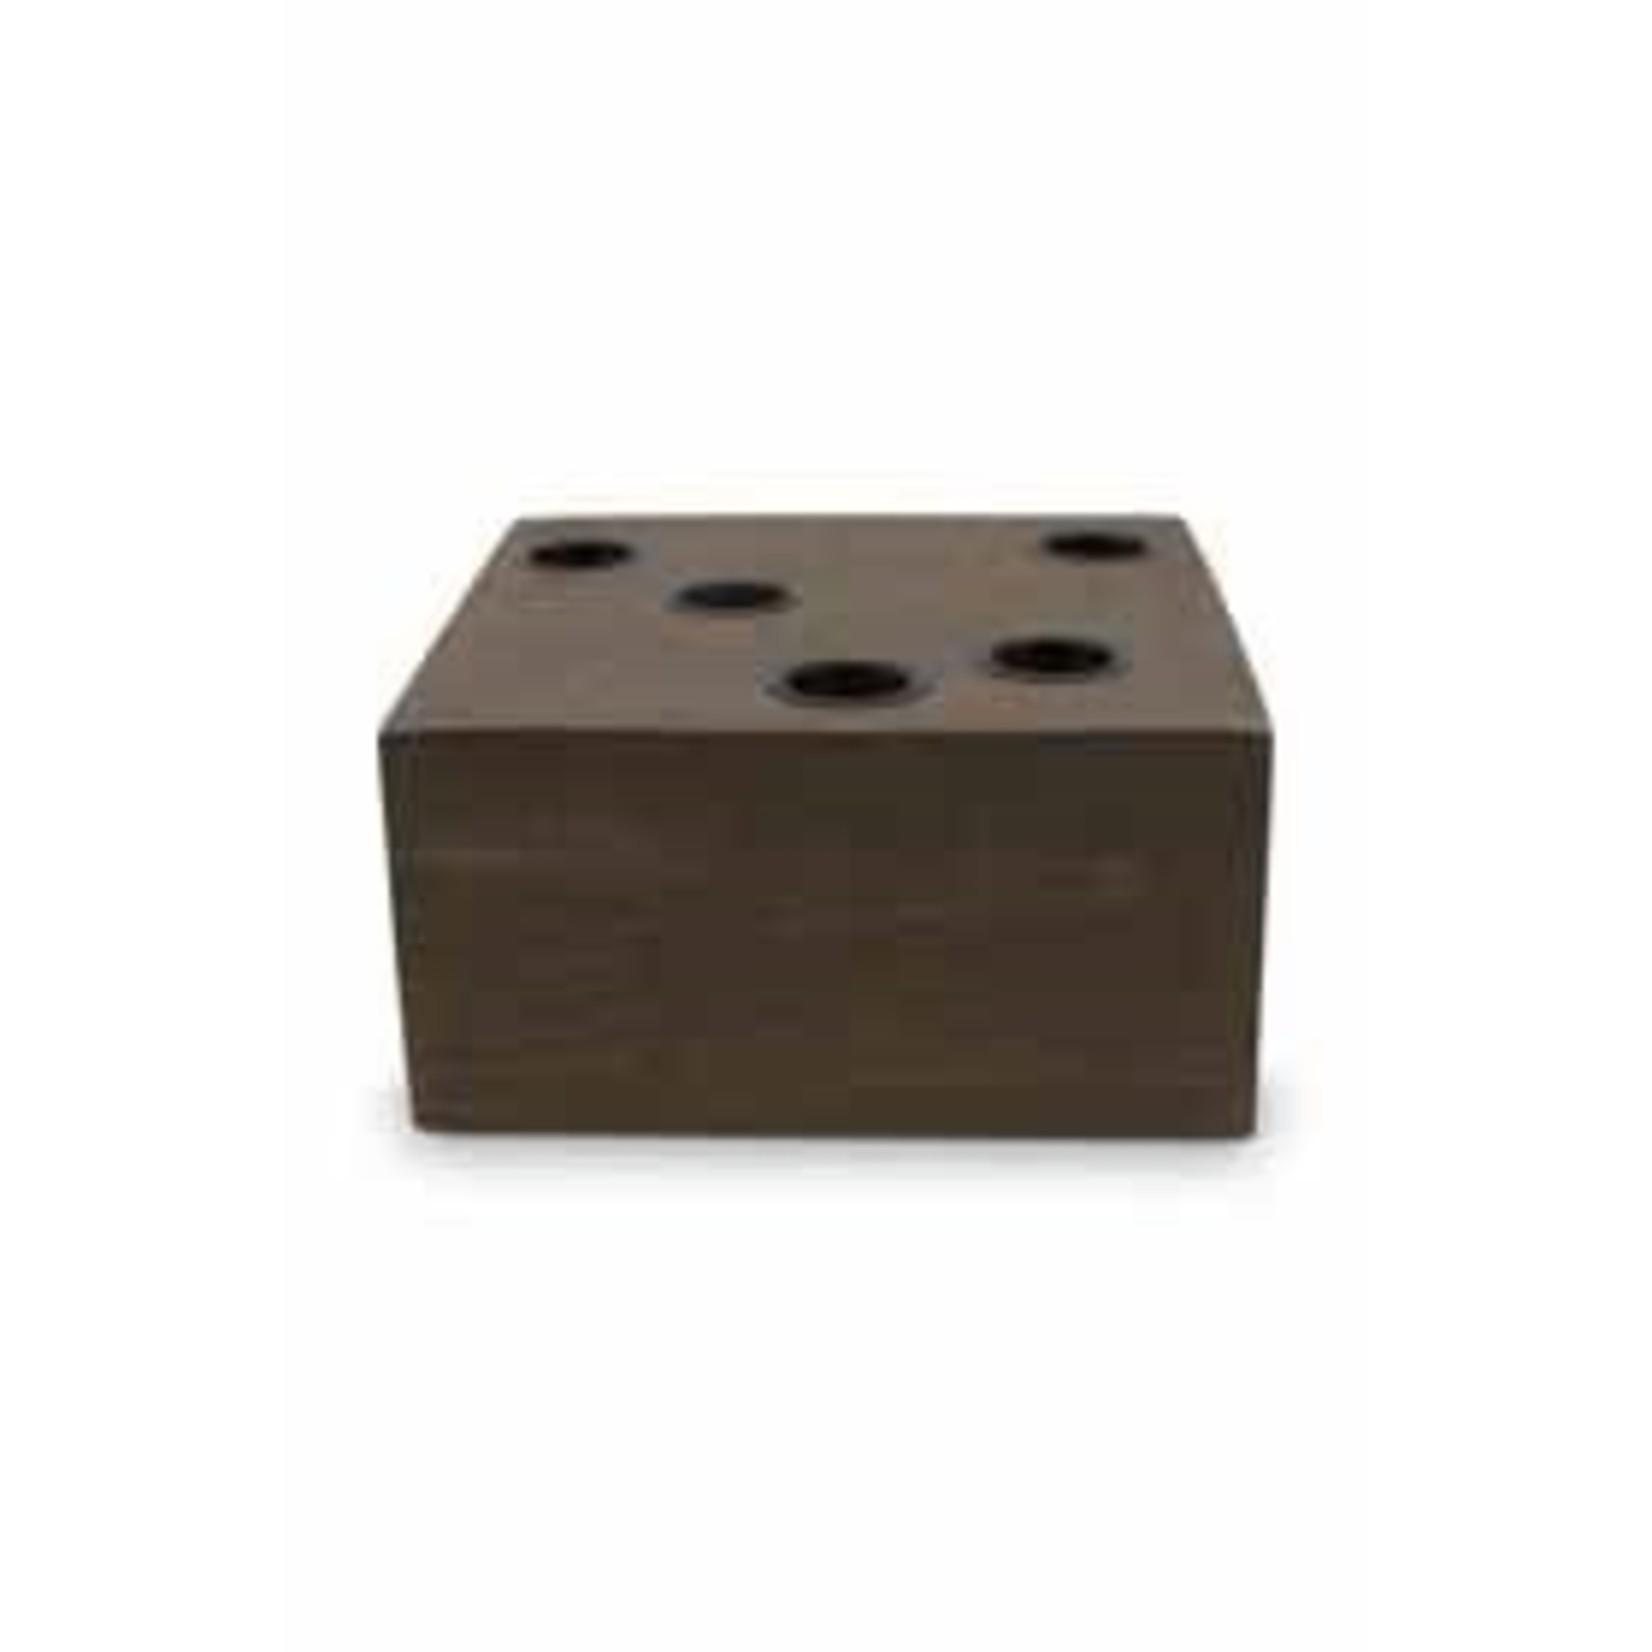 vtwonen vtwonen | Kandelaar block reversibele 15x15cm*